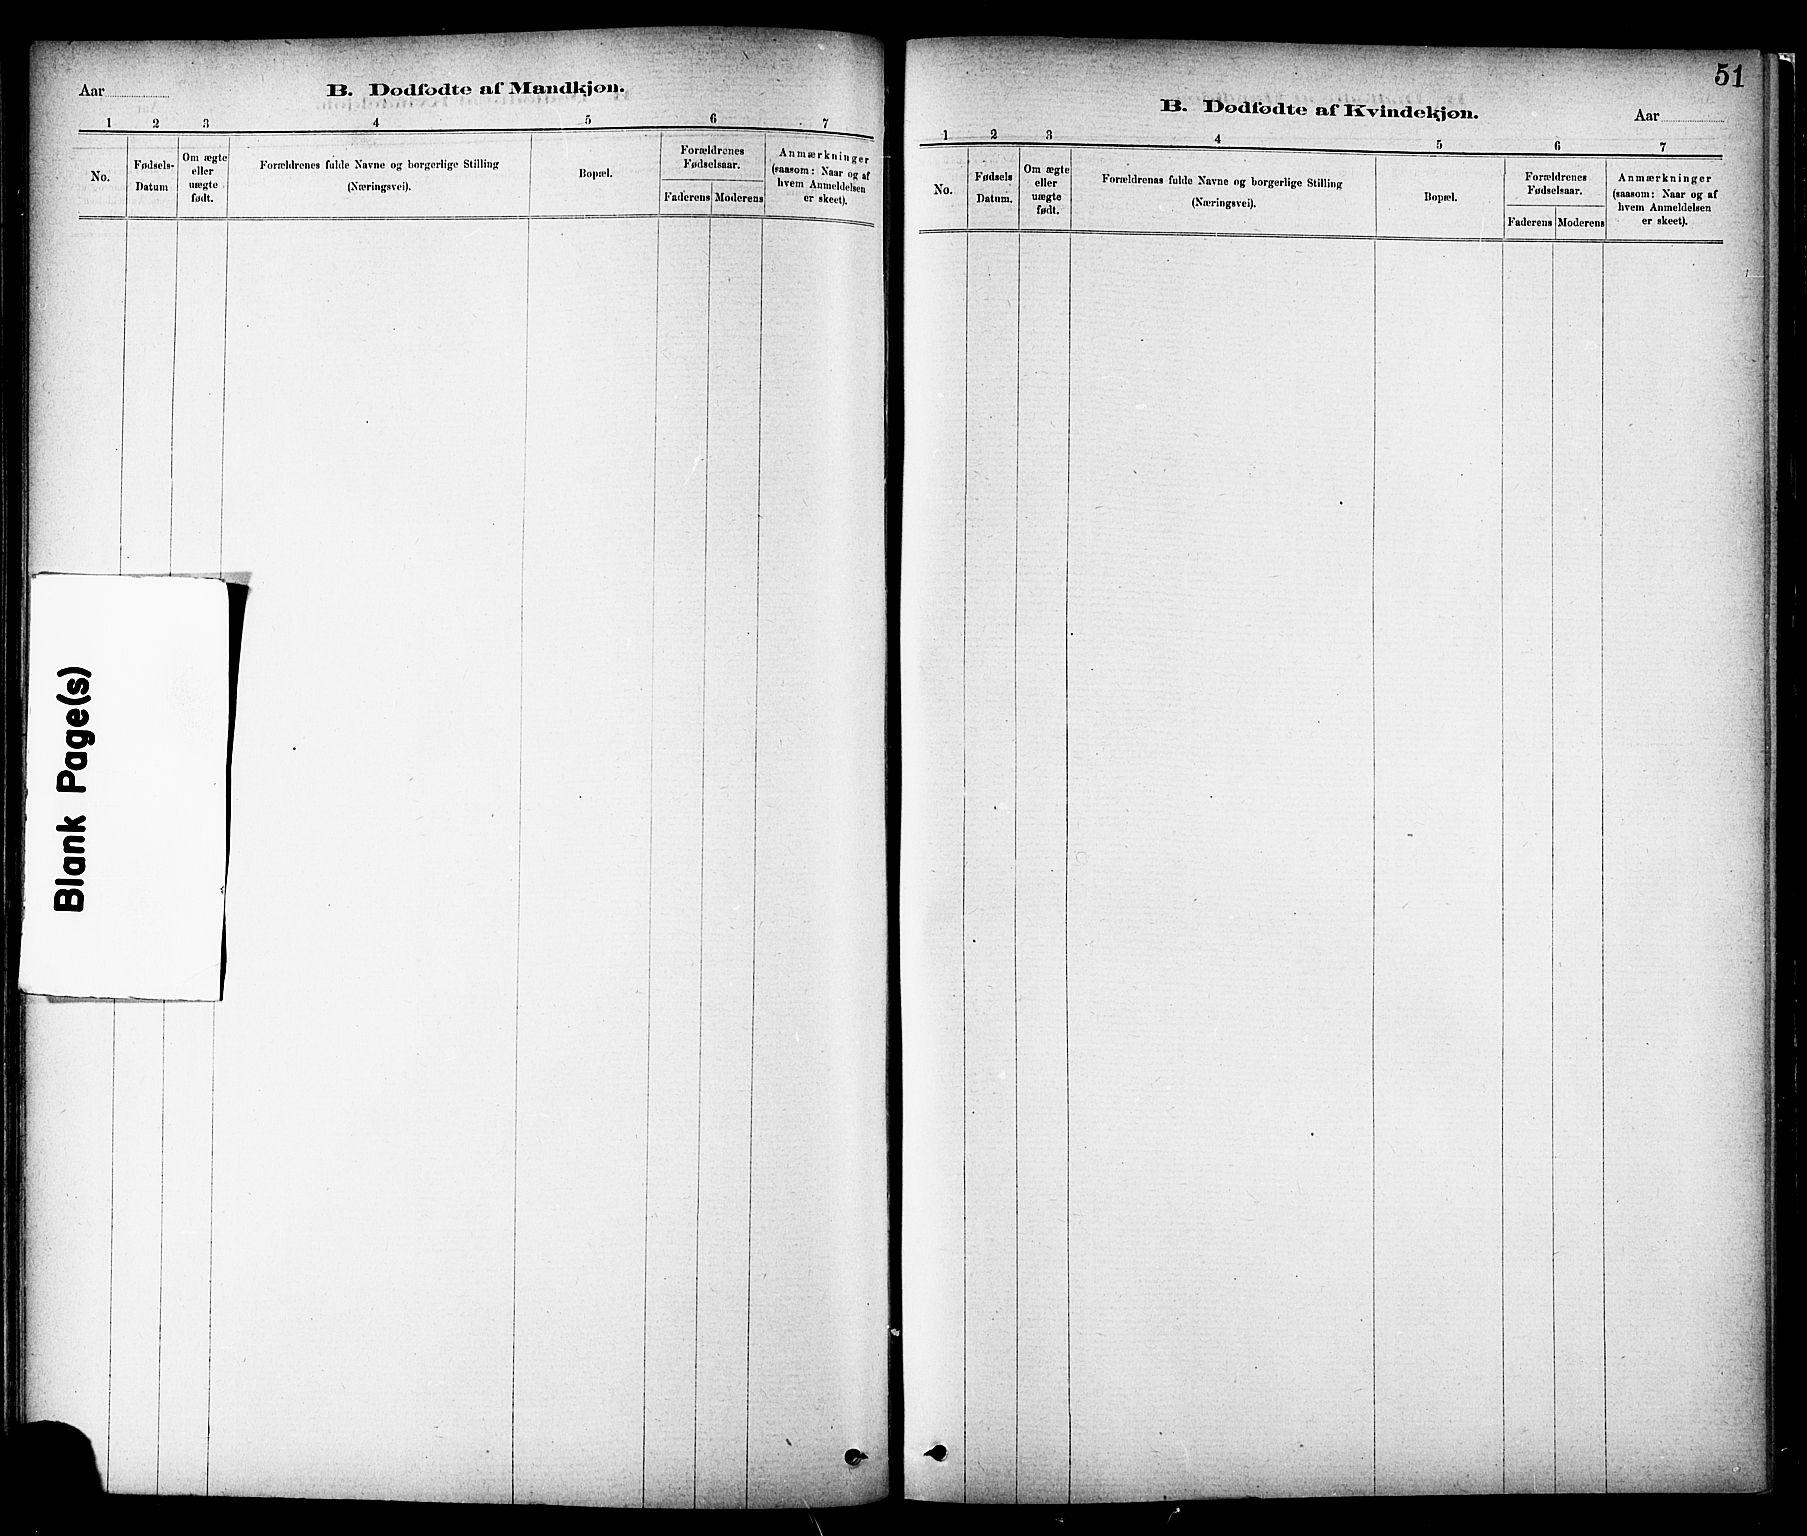 SAT, Ministerialprotokoller, klokkerbøker og fødselsregistre - Sør-Trøndelag, 689/L1040: Ministerialbok nr. 689A05, 1878-1890, s. 51